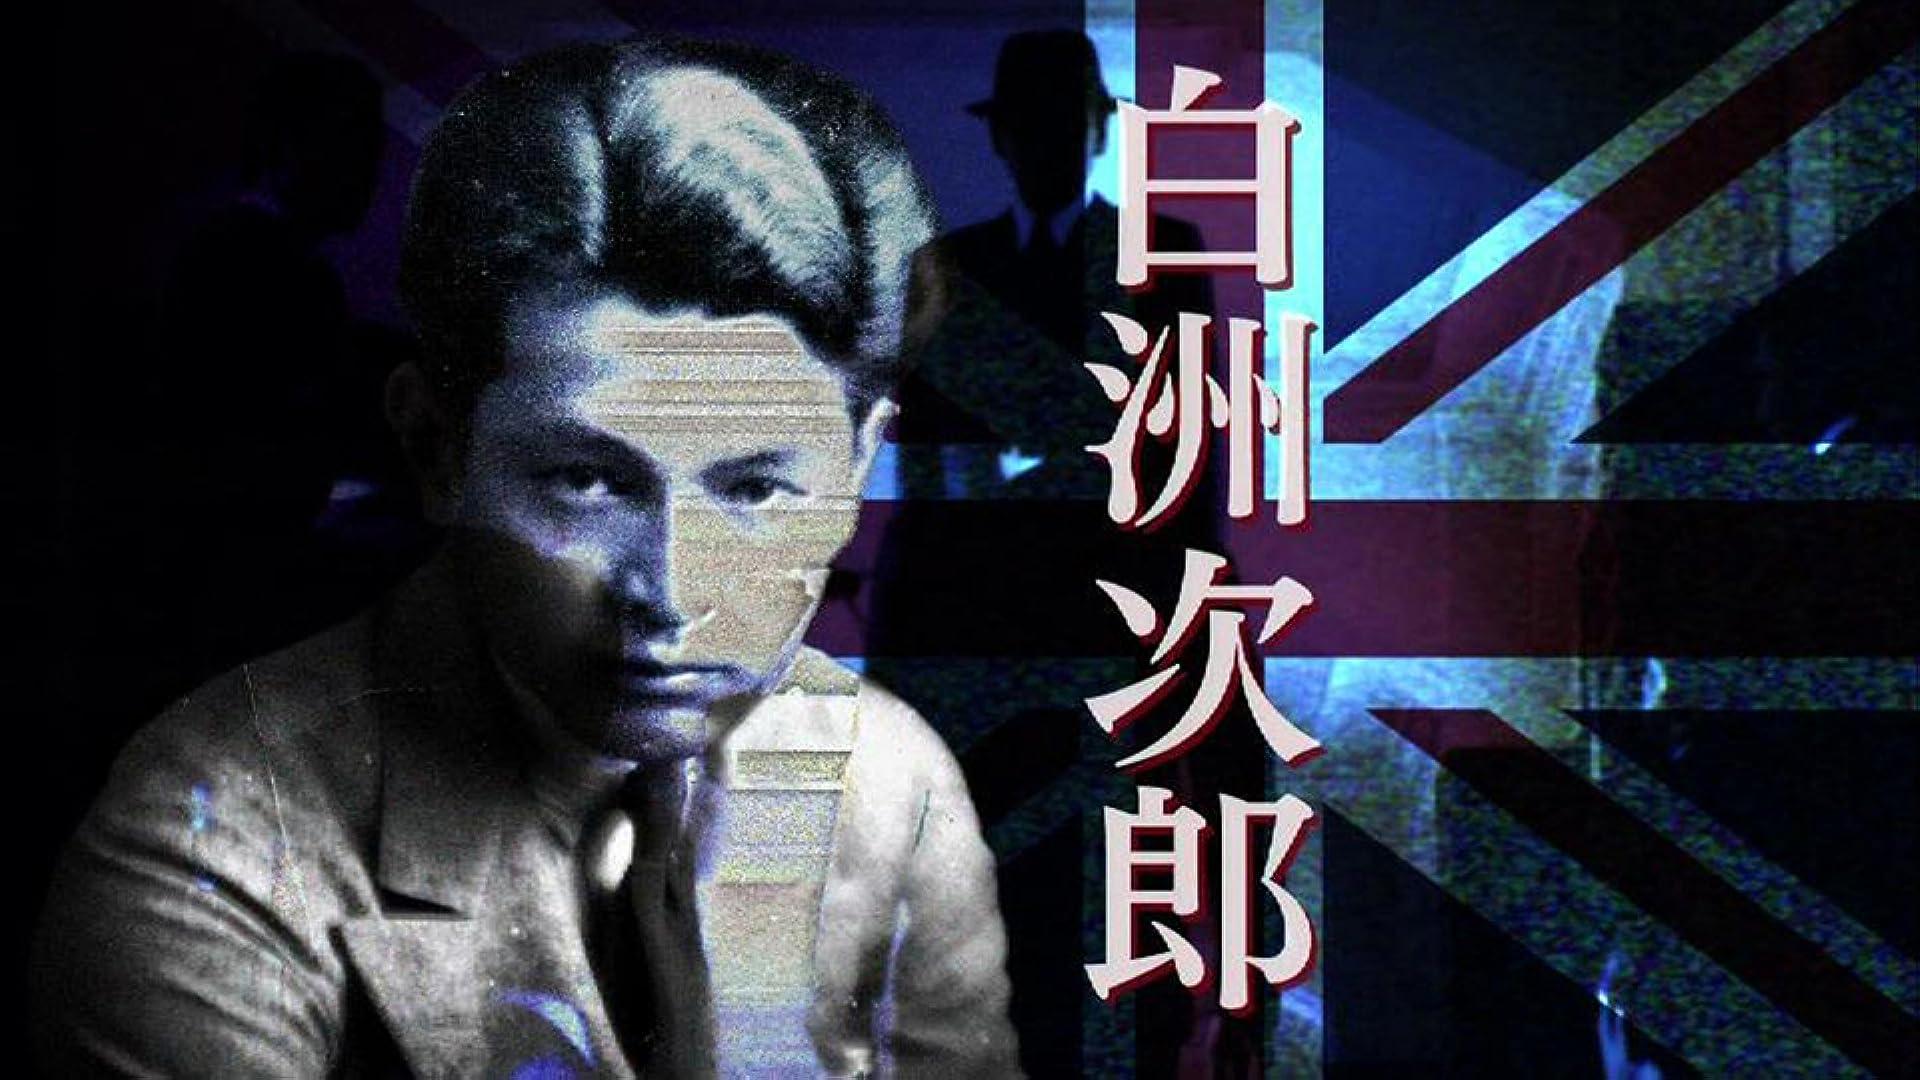 ドラマスペシャル 白洲次郎(NHKオンデマンド)